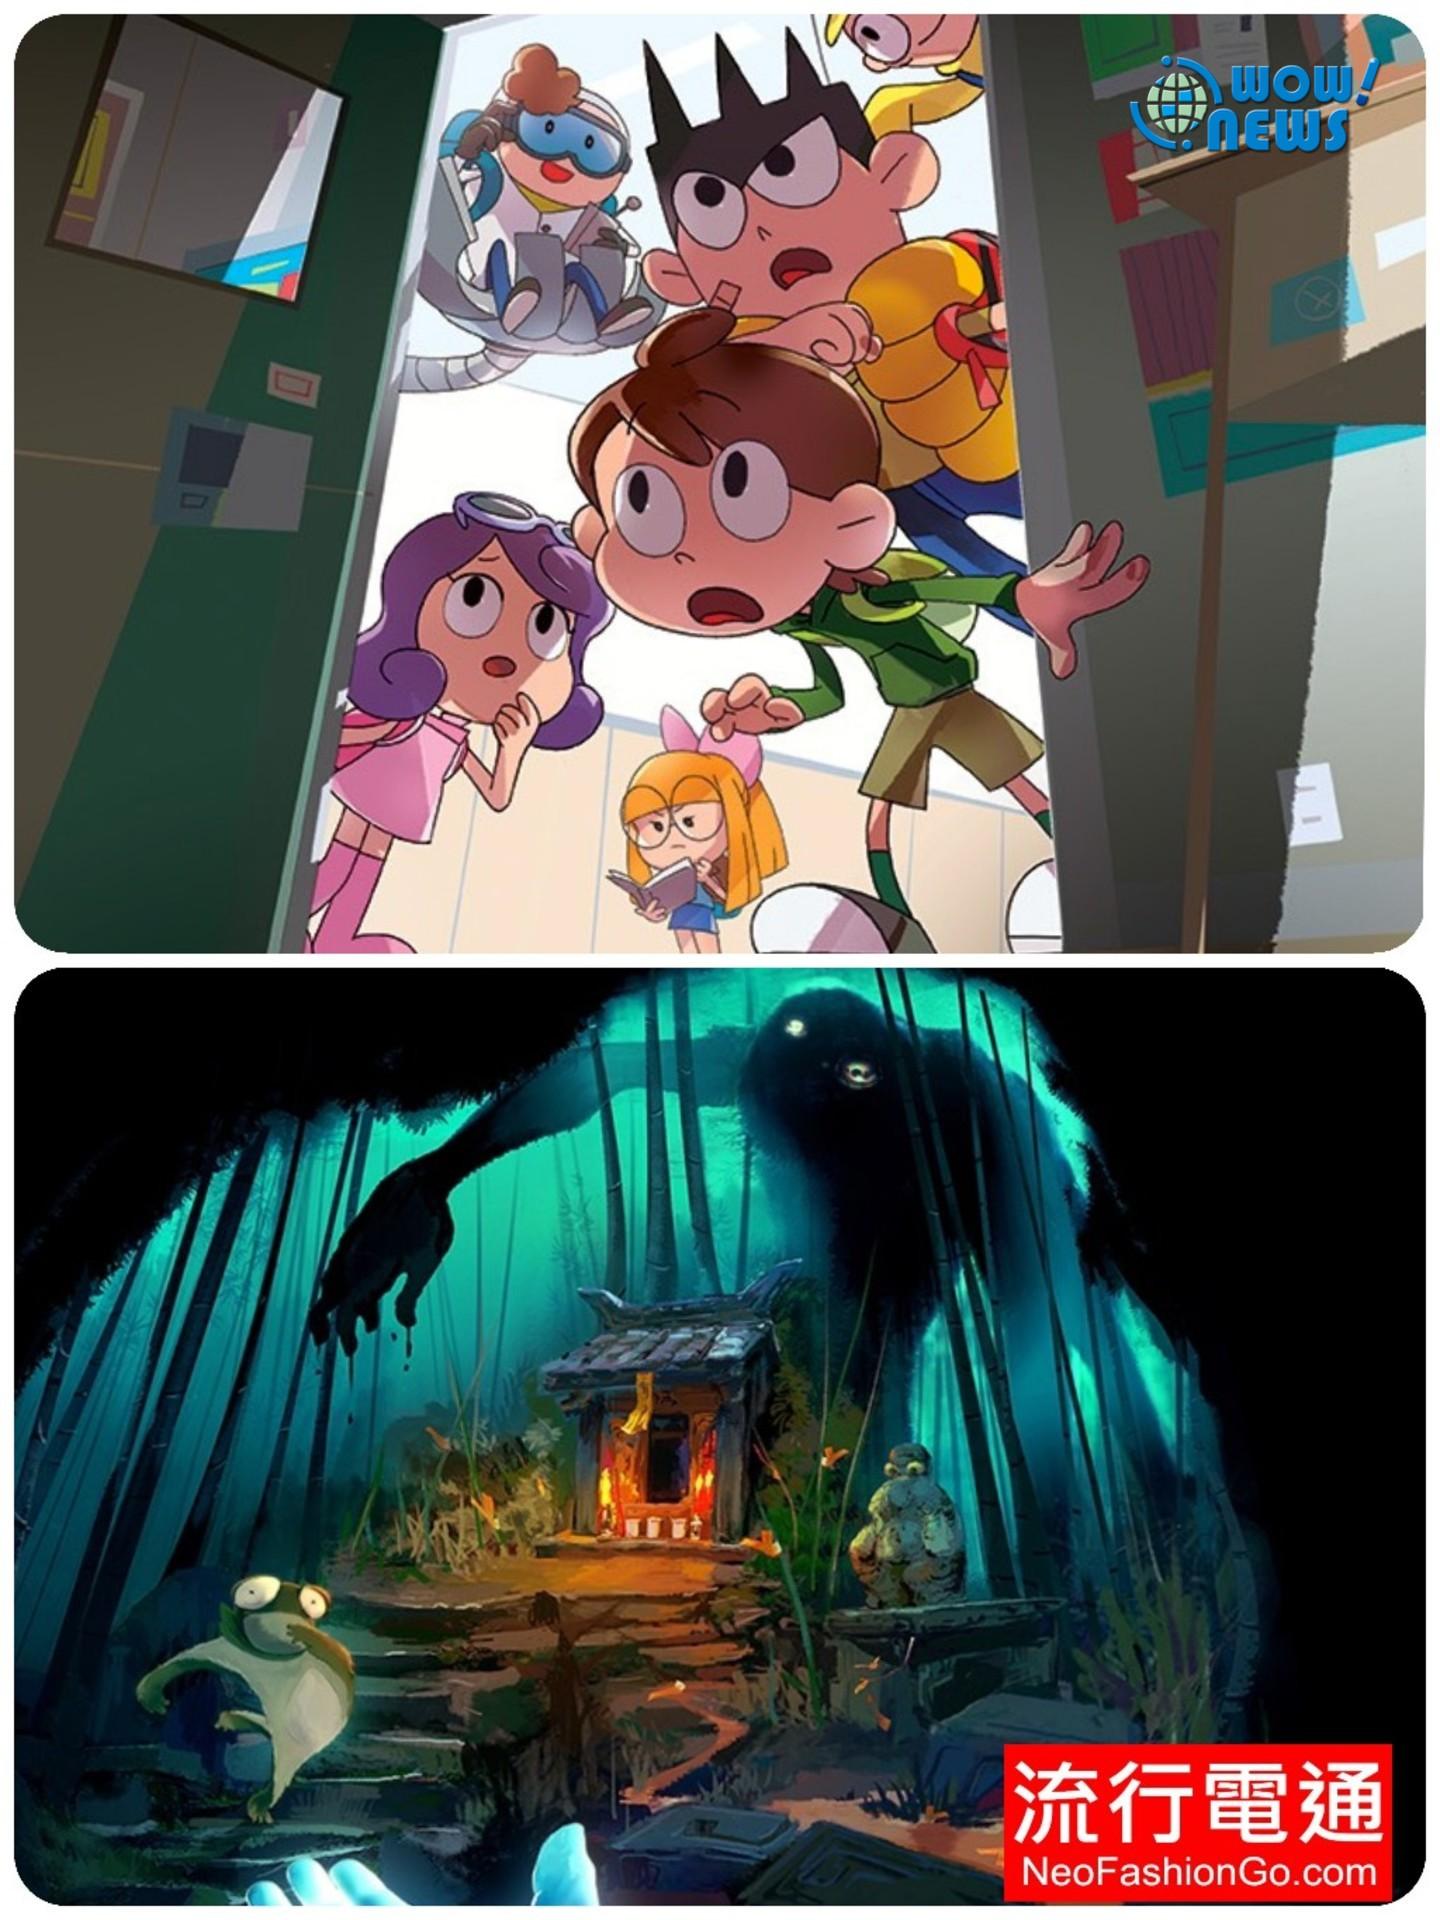 2021 《安錫國際動畫影展》的市場展官方創投提案會入選公布 臺灣作品首度2 部入選